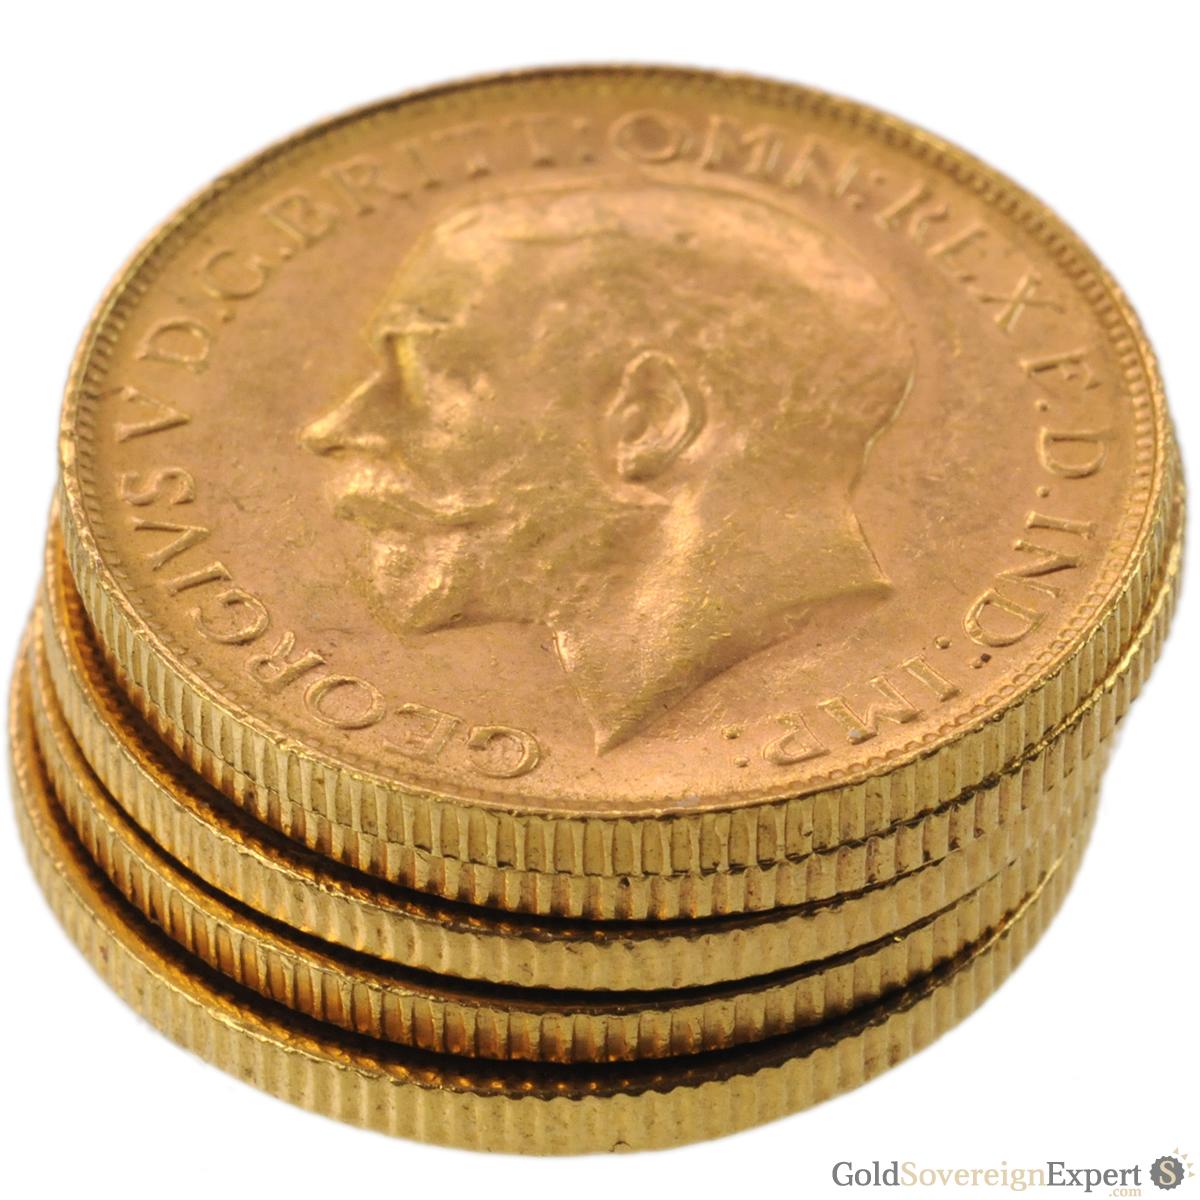 5 Bullion Grade Gold Sovereigns